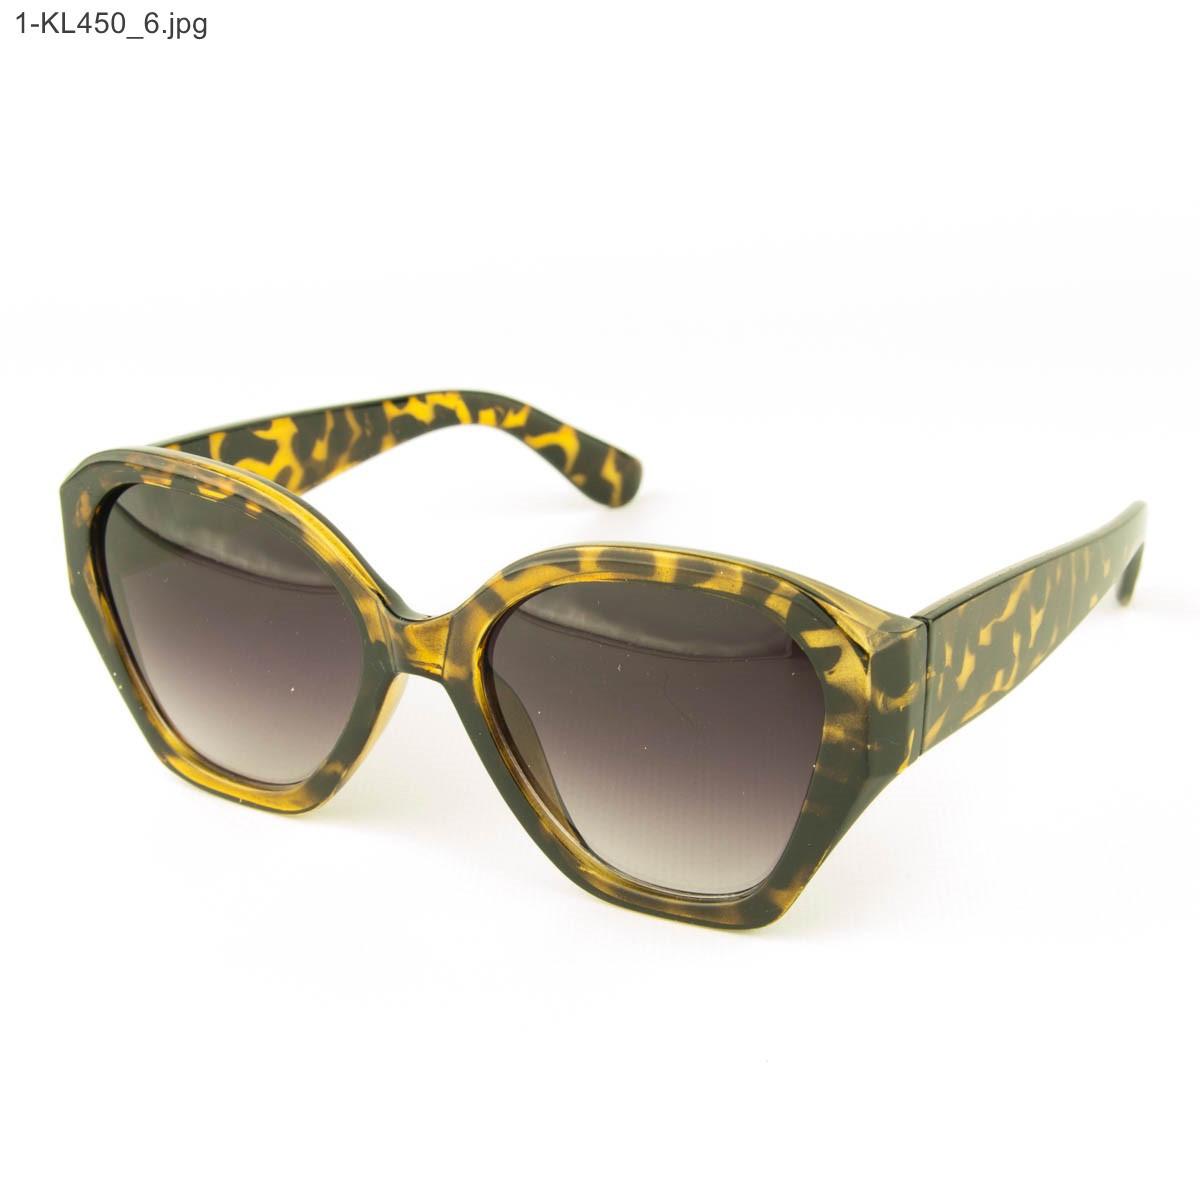 Стильные женские солнцезащитные очки - Леопардовые - 1-КL450